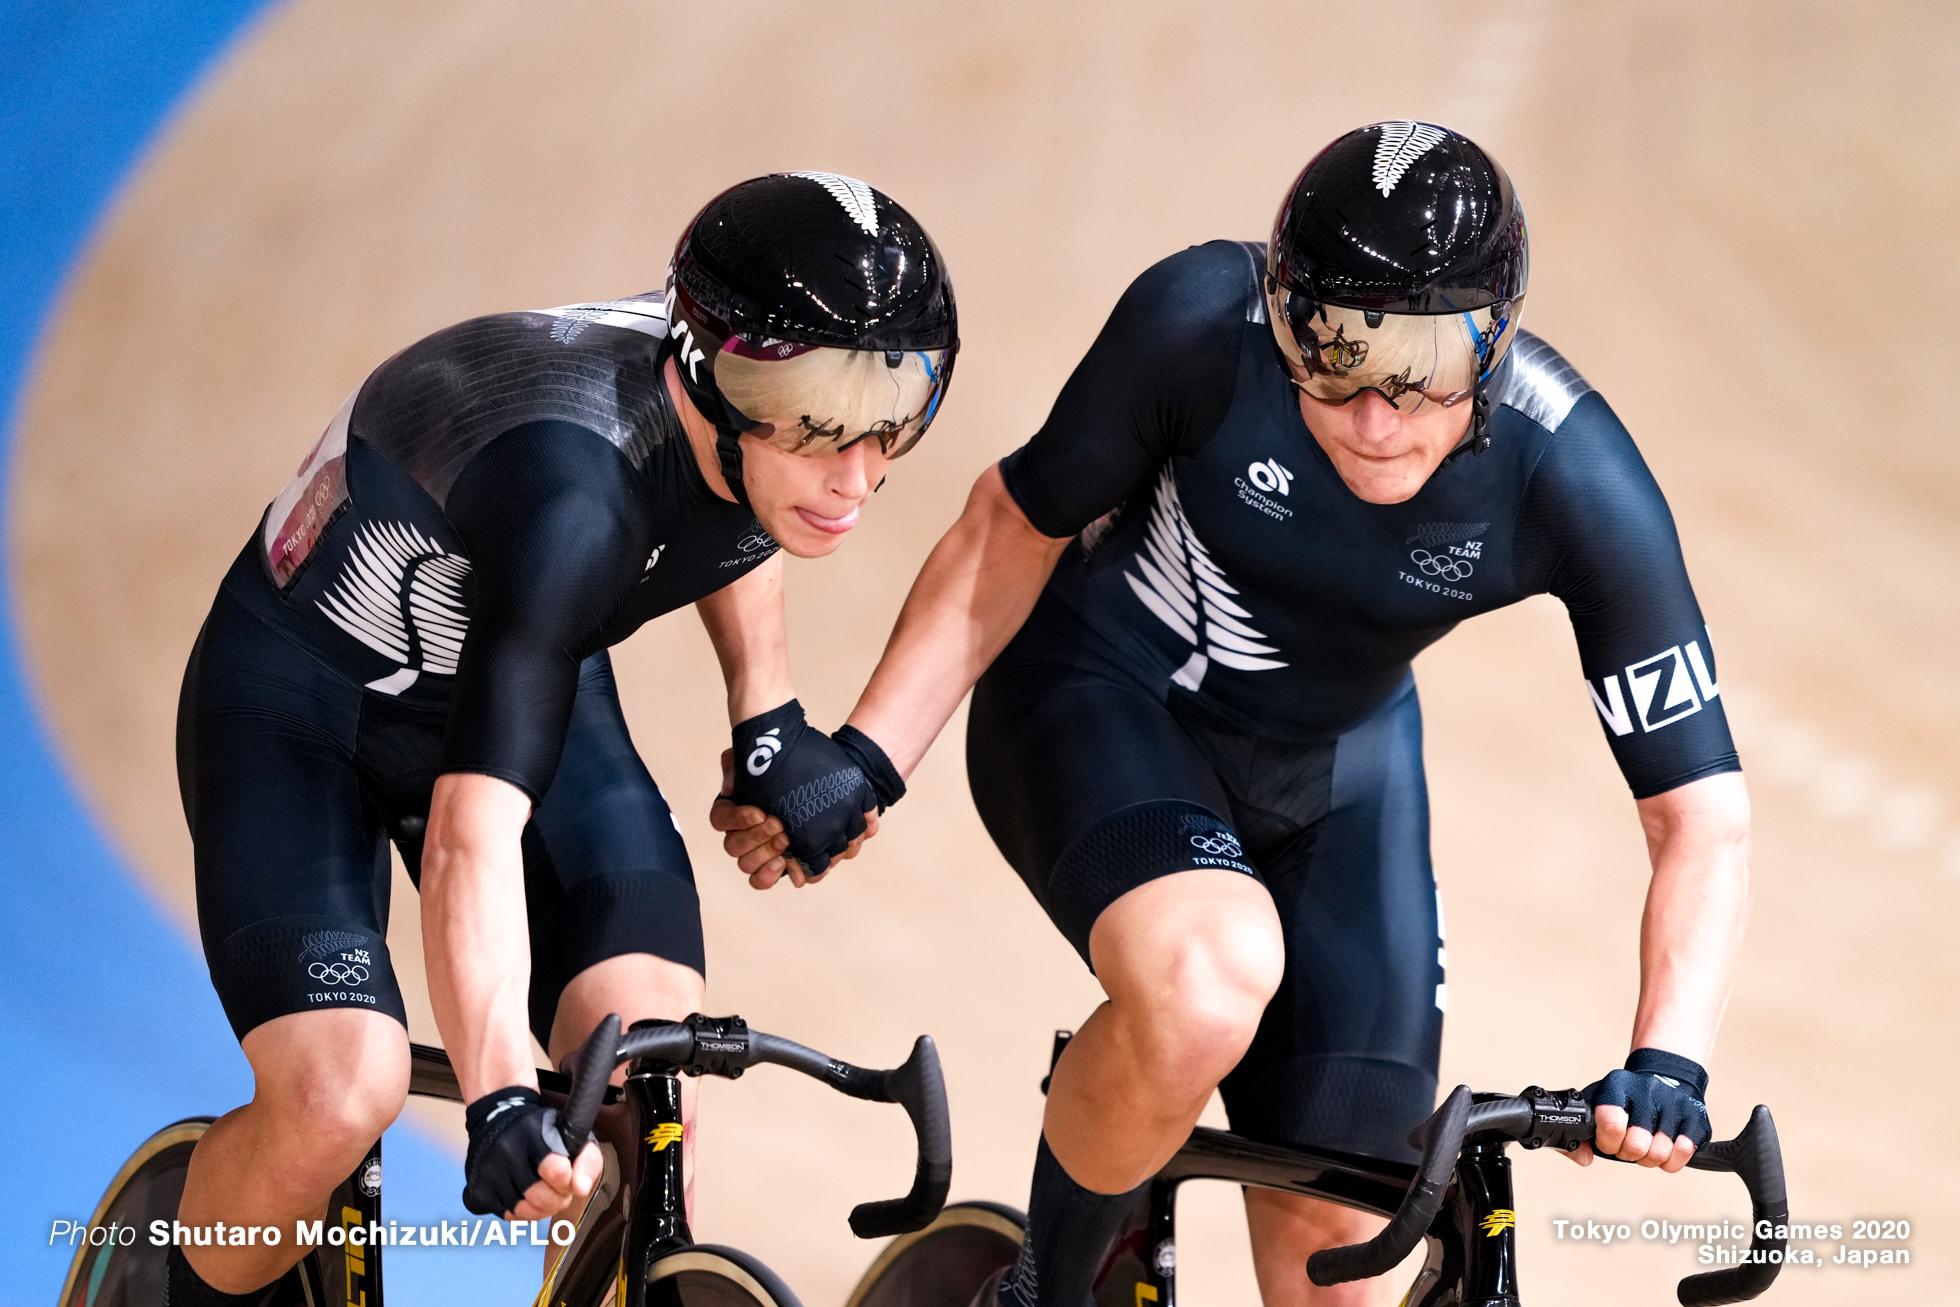 キャンベル・スチュワート Campbell Stewart (NZL), コービン・ストロング Corbin Strong (NZL), Men's Madison AUGUST 7, 2021 - Cycling : during the Tokyo 2020 Olympic Games at the Izu Velodrome in Shizuoka, Japan. (Photo by Shutaro Mochizuki/AFLO)